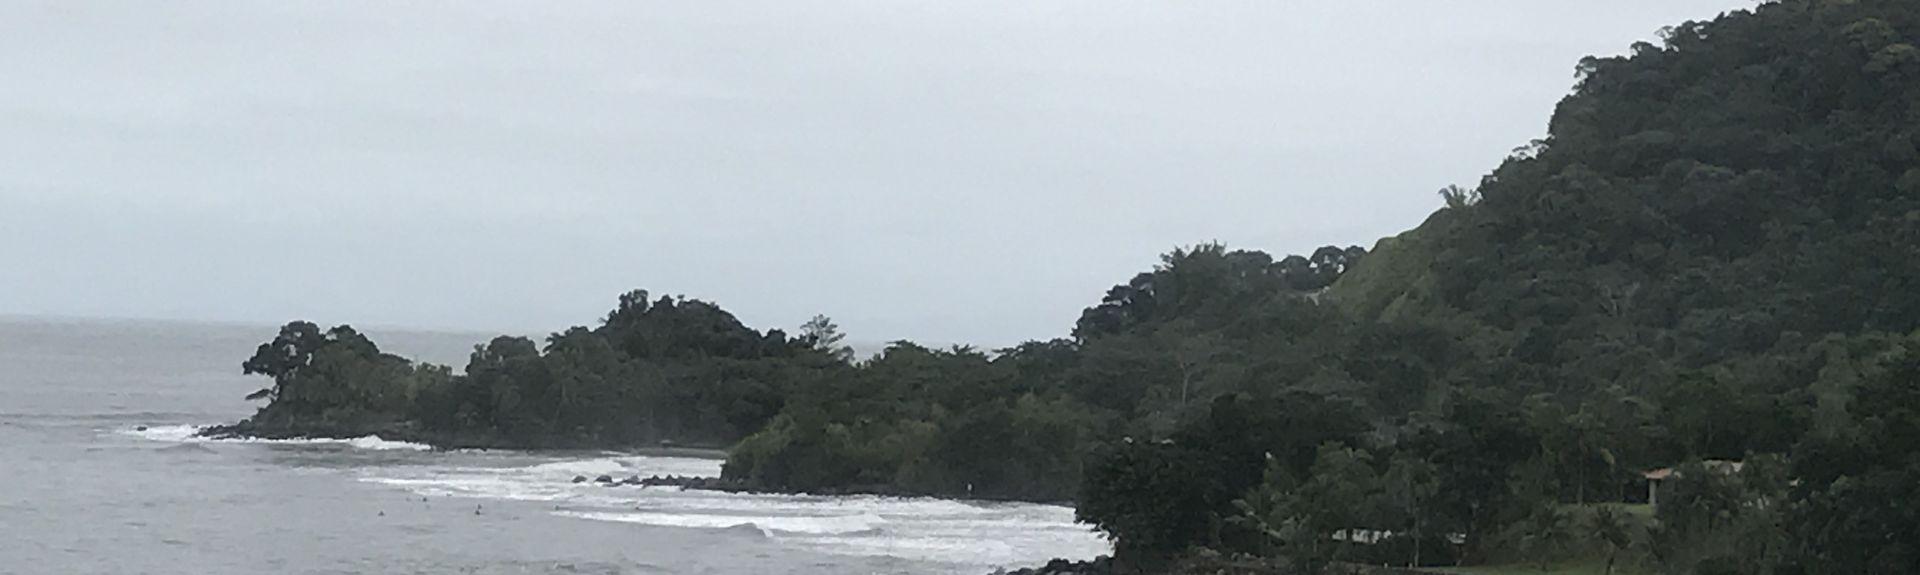 Praia de Maresias, São Sebastião, Regio zuidoost, Brazilië